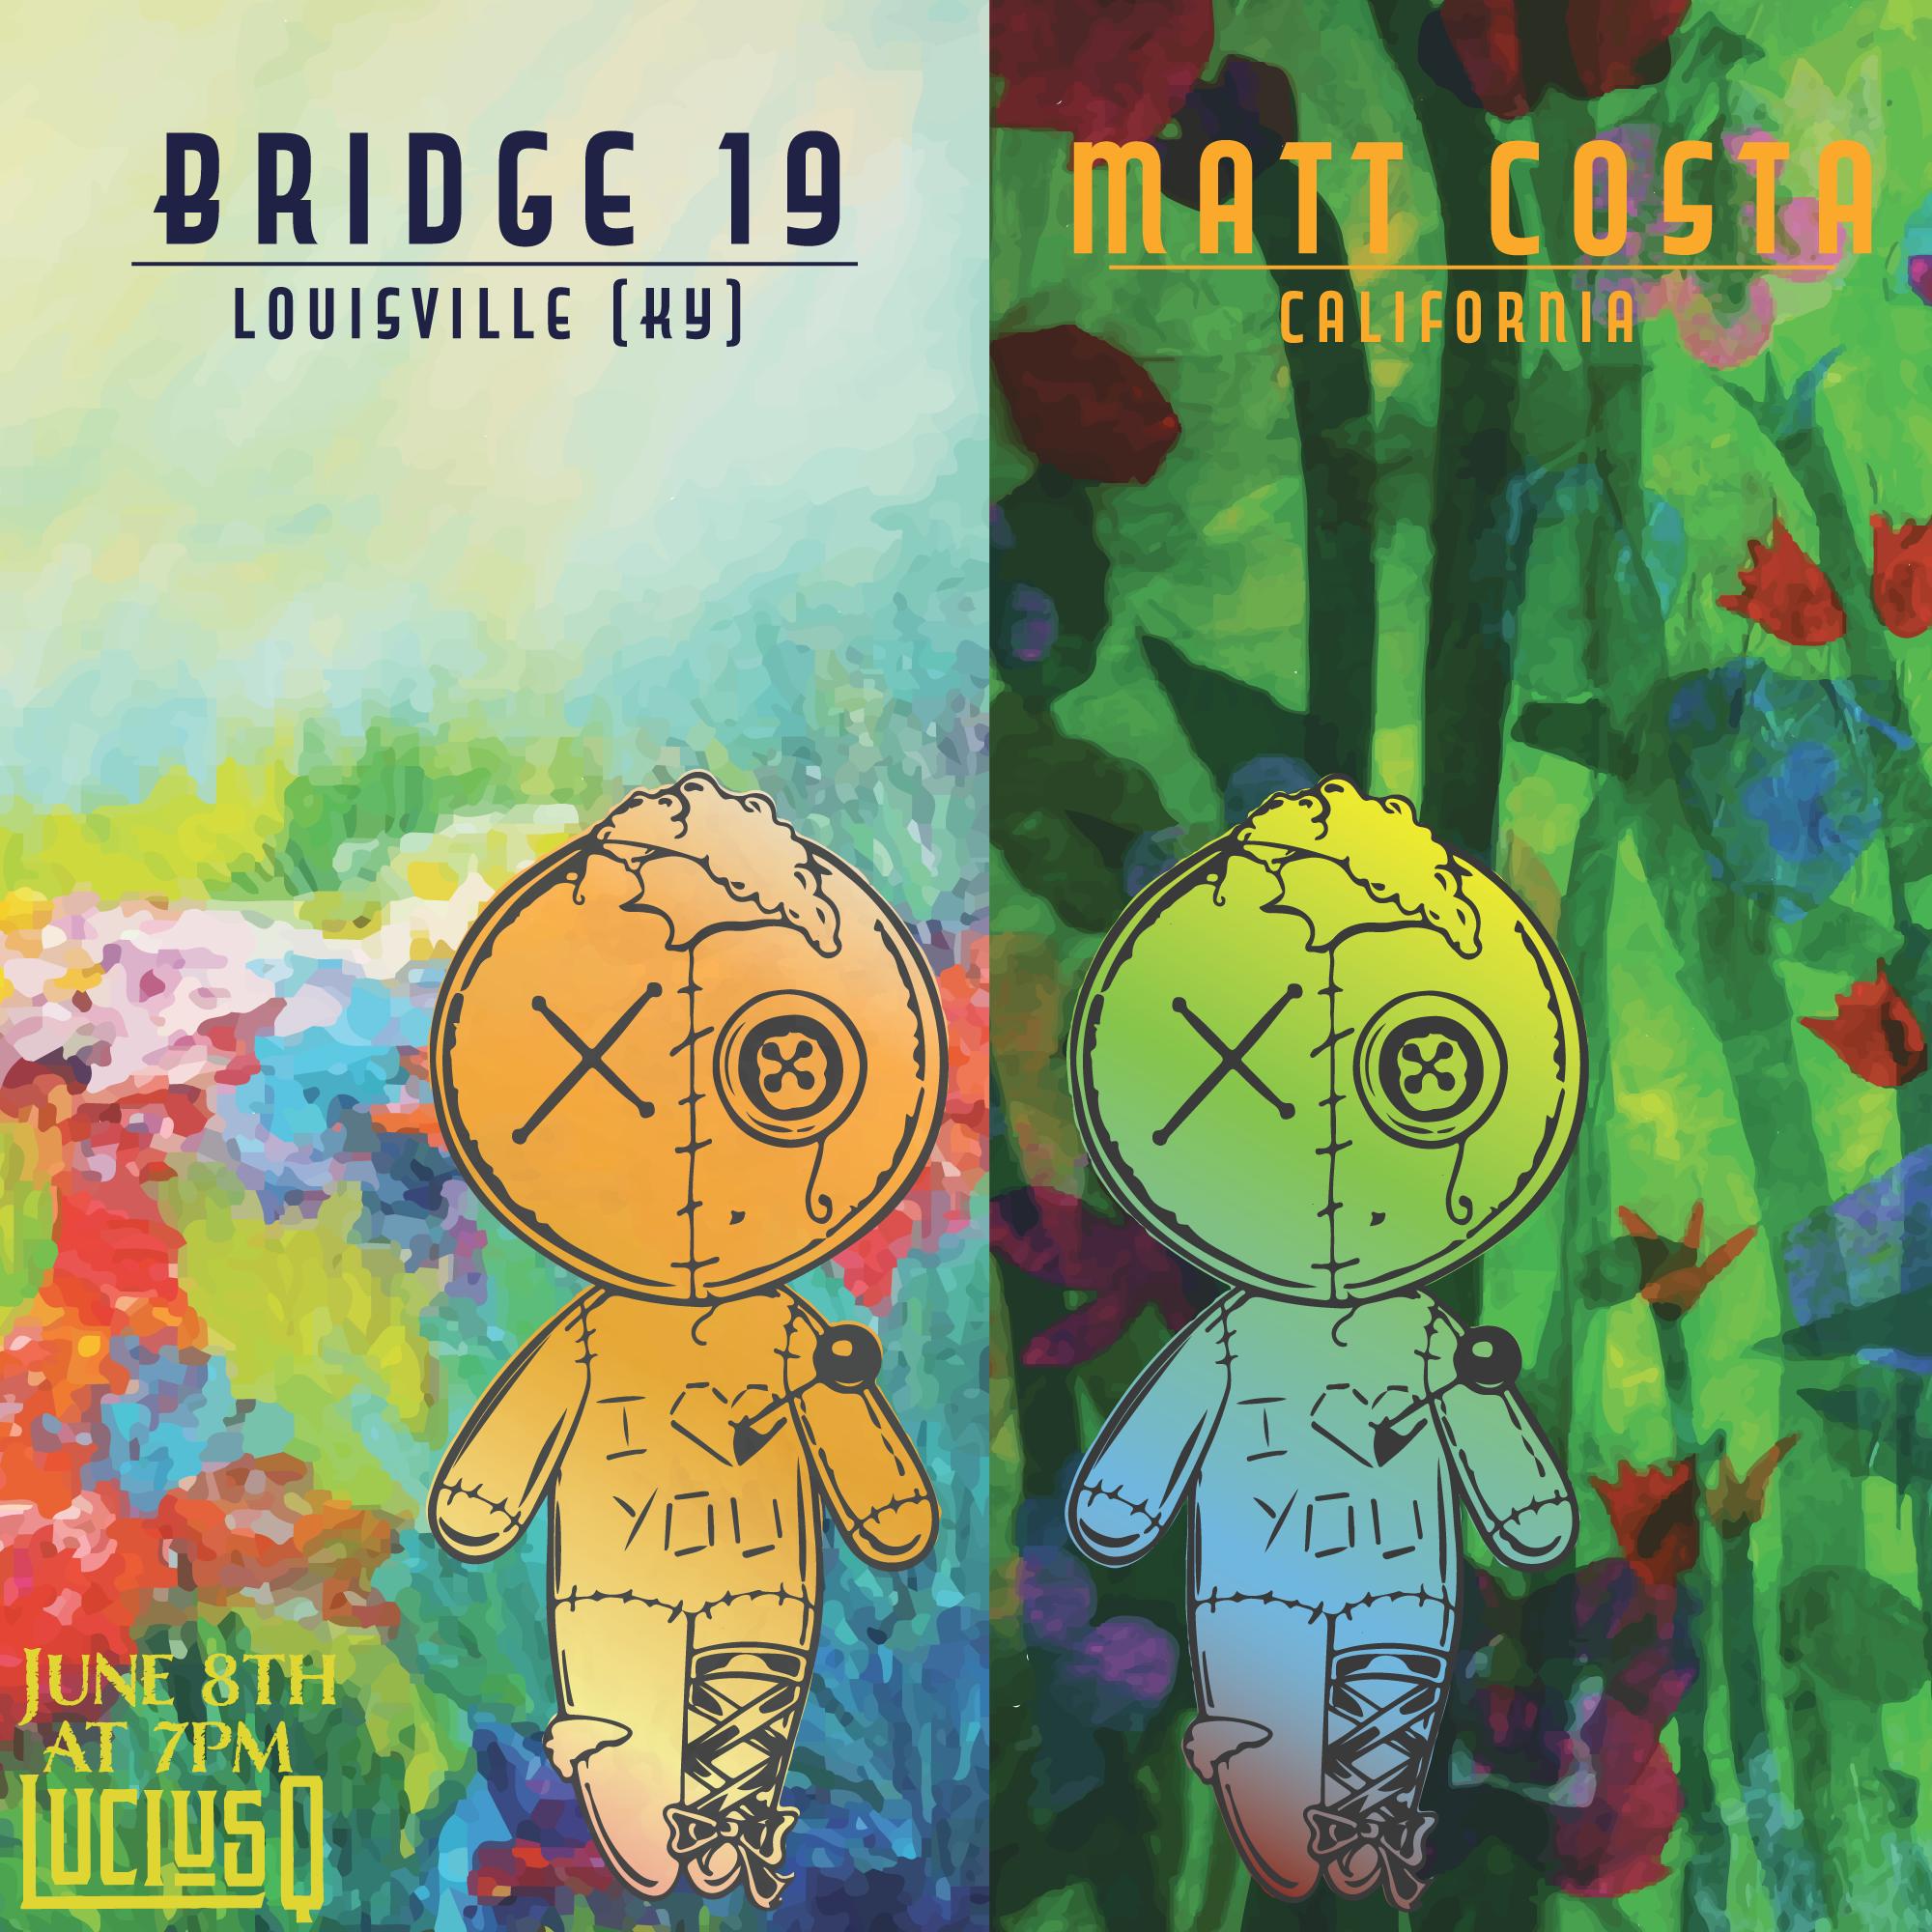 FiR-Creative---LuciusQ---Bridge19-&-Matt-Costa.png